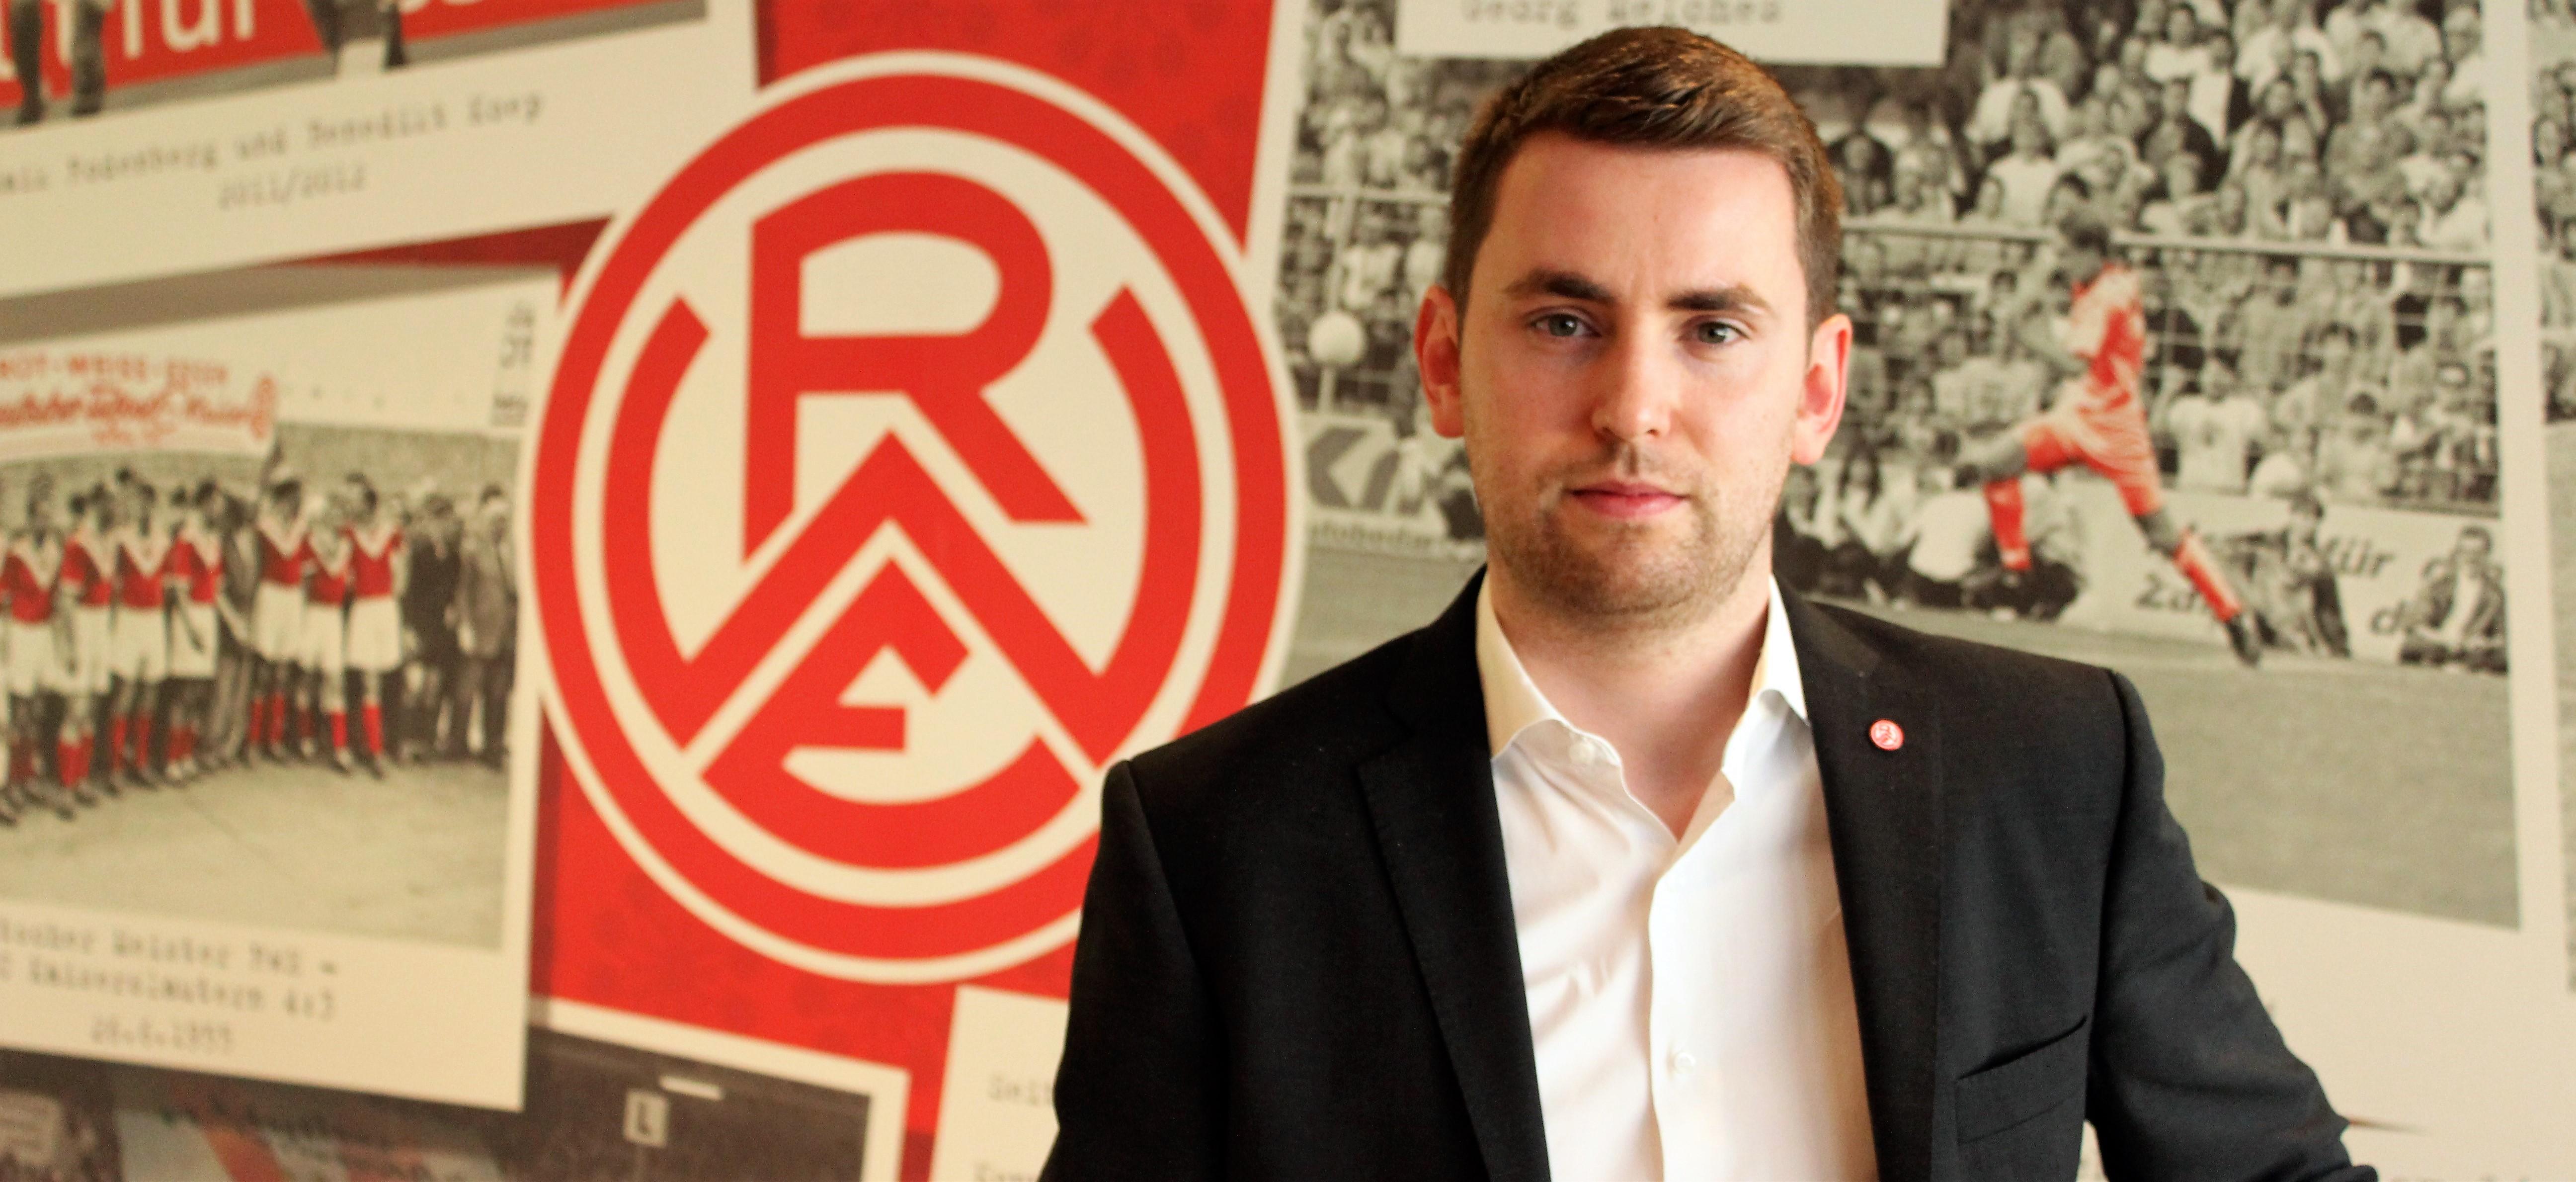 Daniel Elzer ist neuer Leiter der Abteilung Sponsoring, Vertrieb und Einkauf.